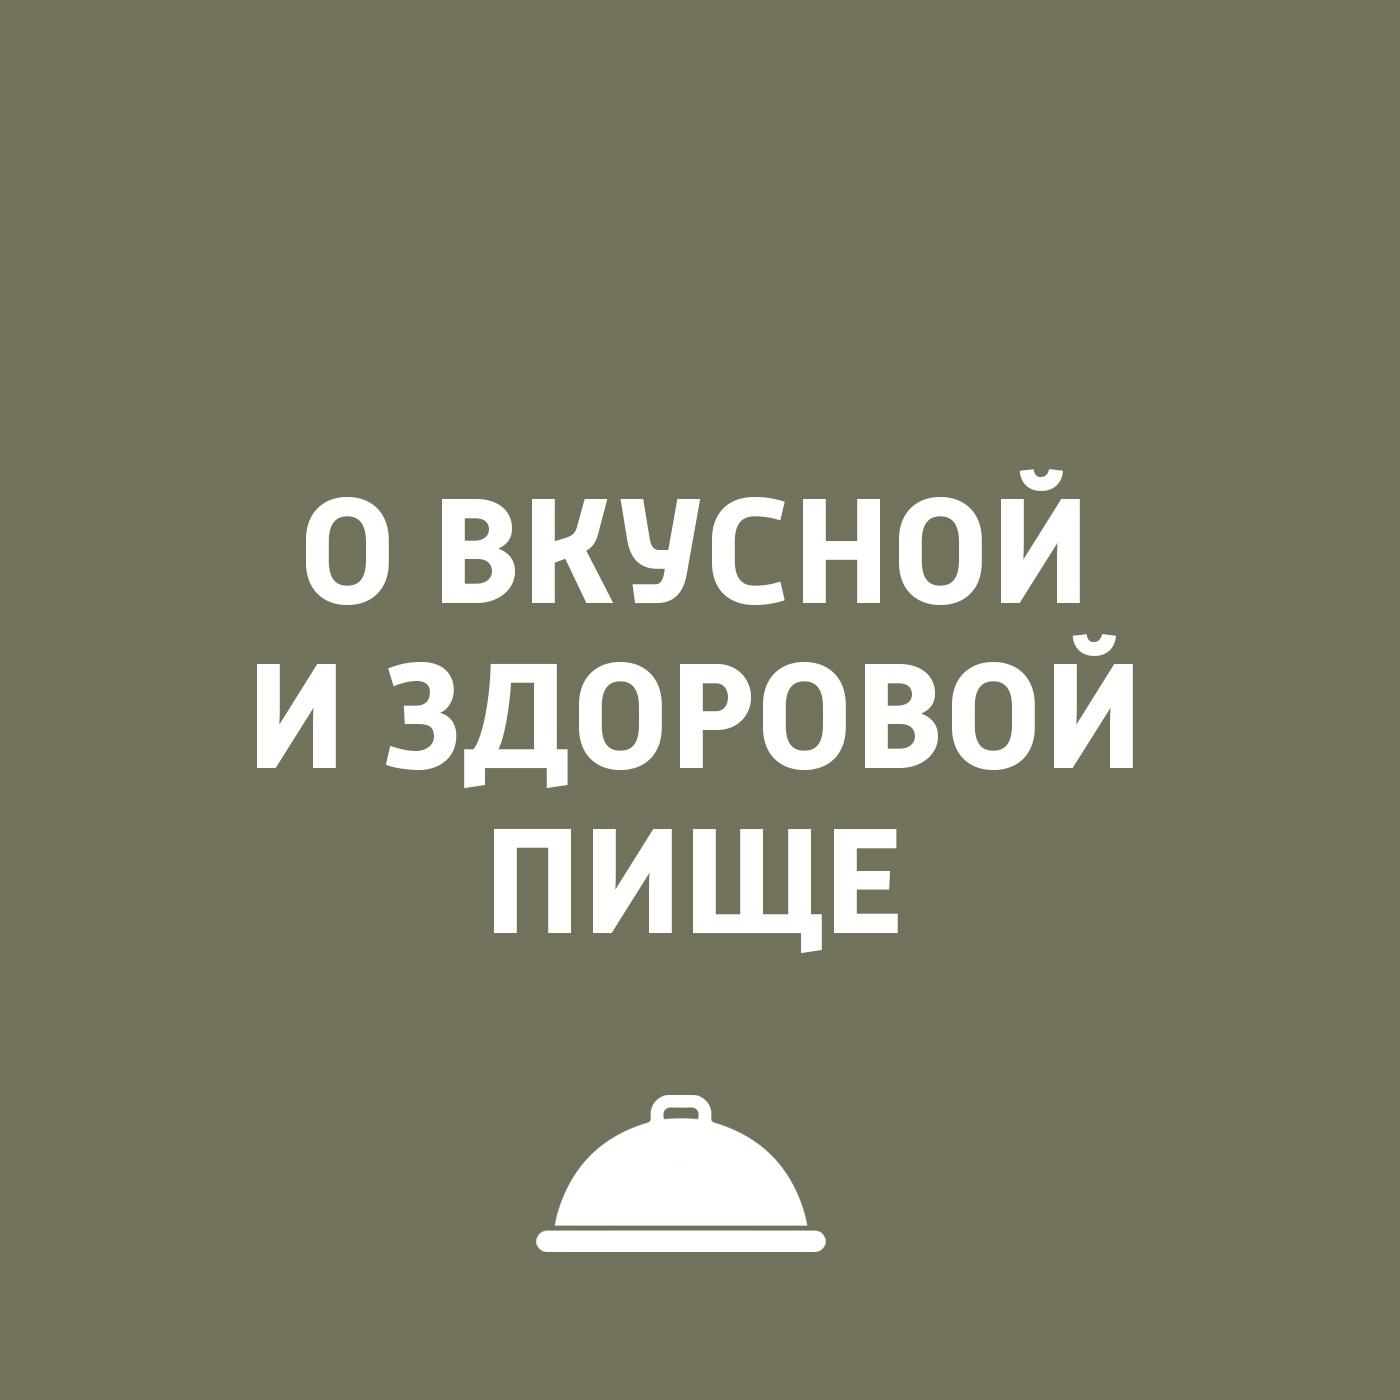 Как выращивают экоовощи в России?